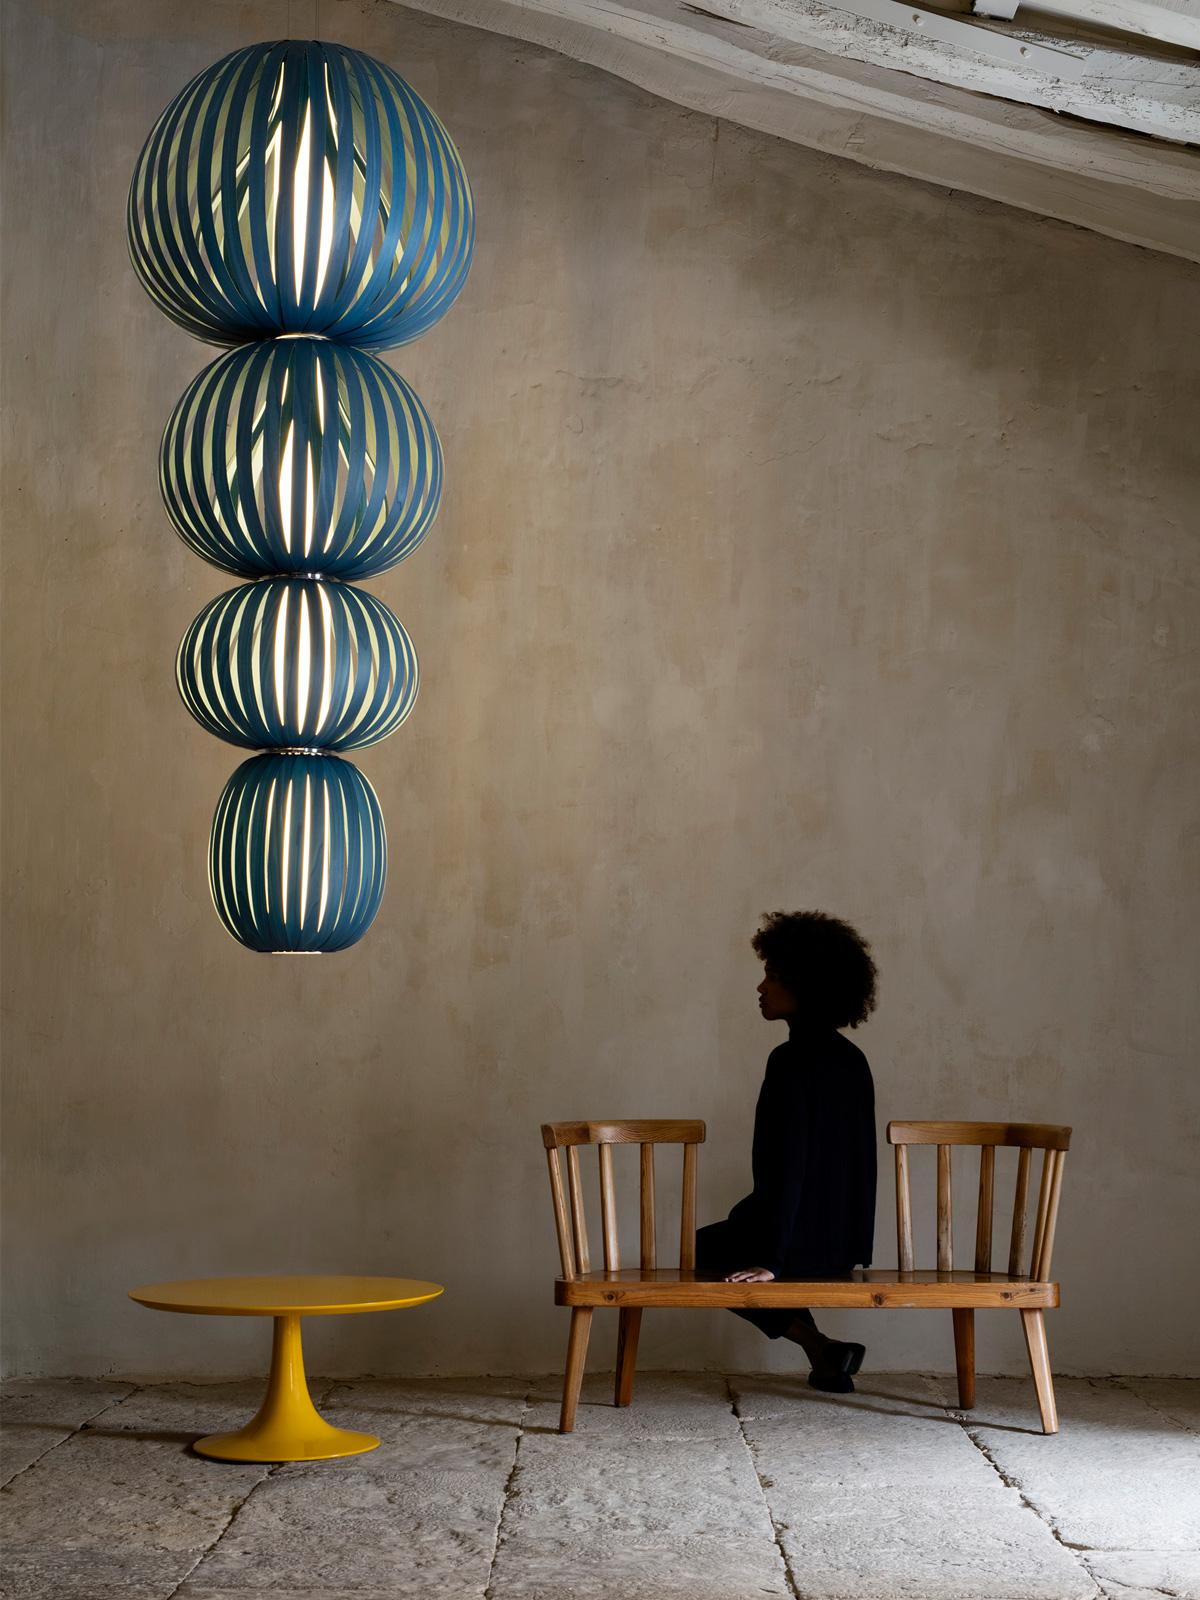 Totem 4 in Blau LZF Lamps